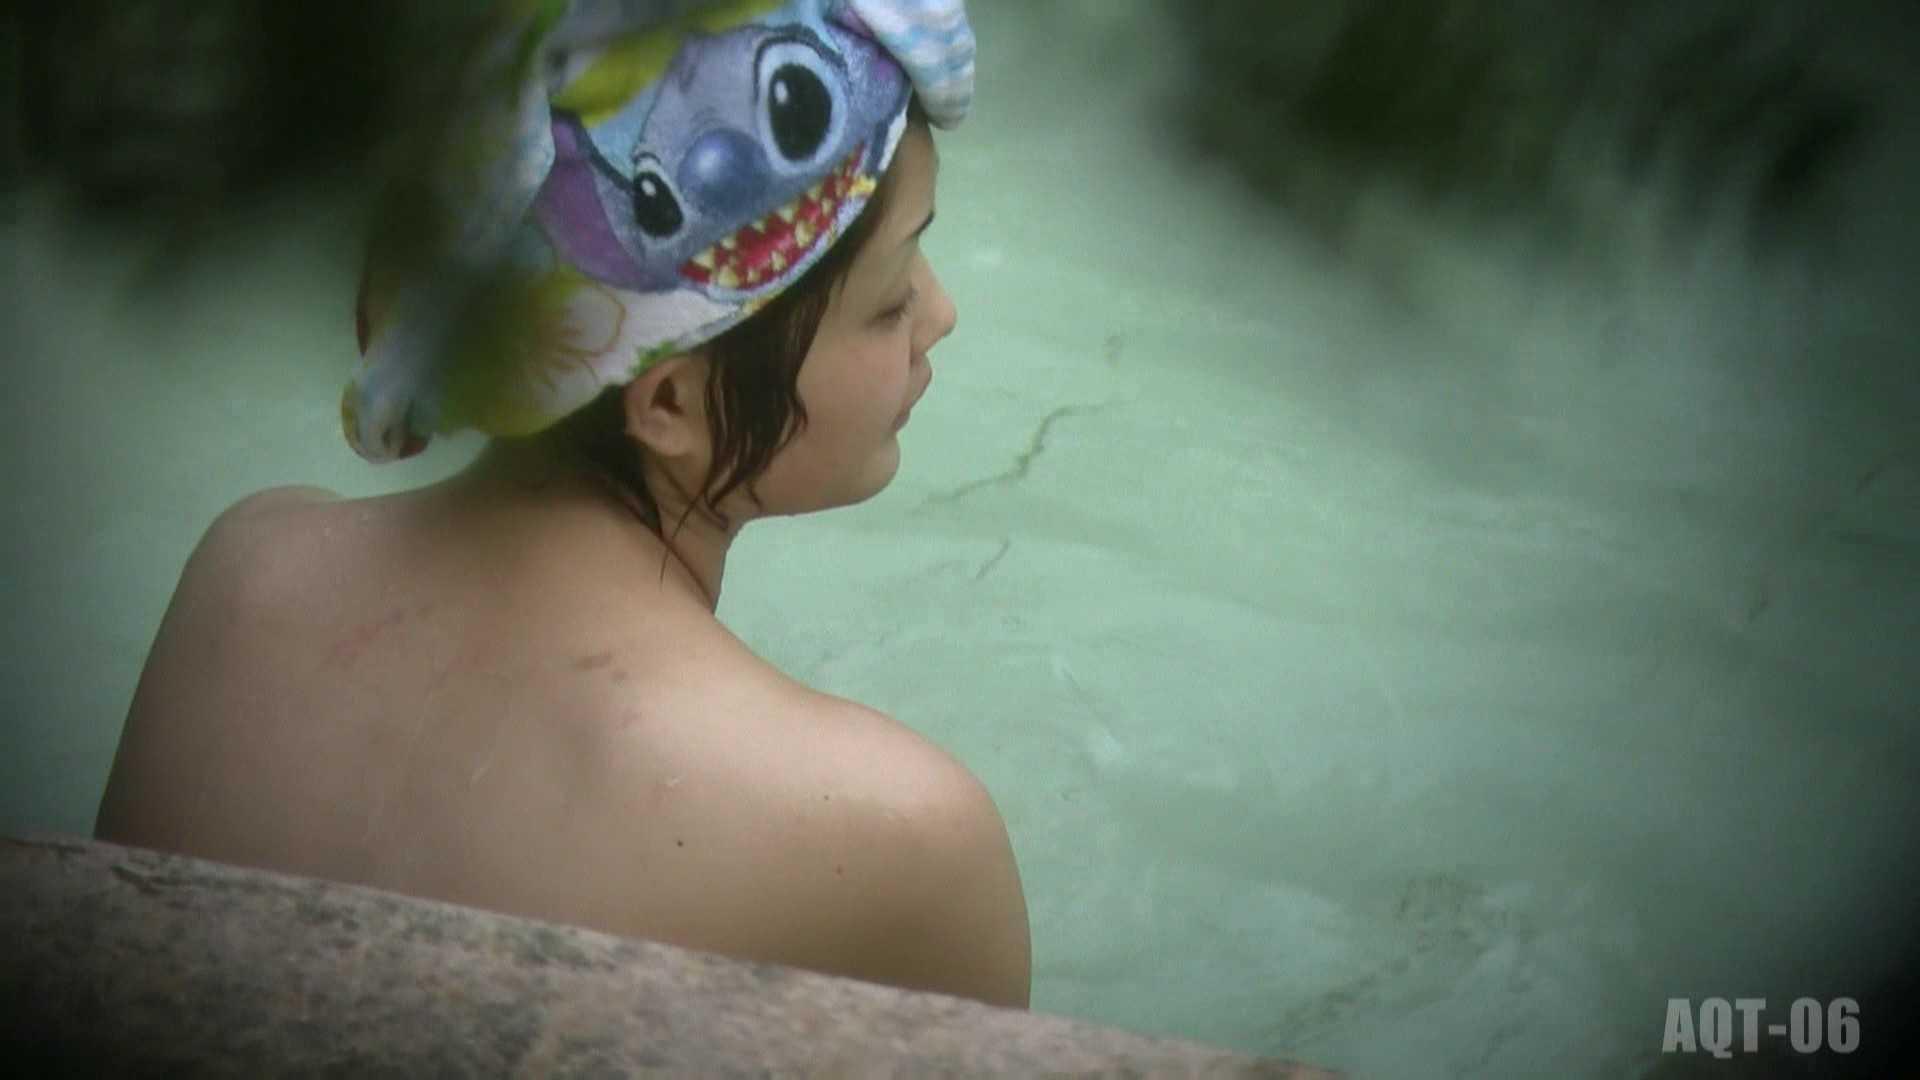 Aquaな露天風呂Vol.761 盗撮動画 | 露天風呂  10枚 7